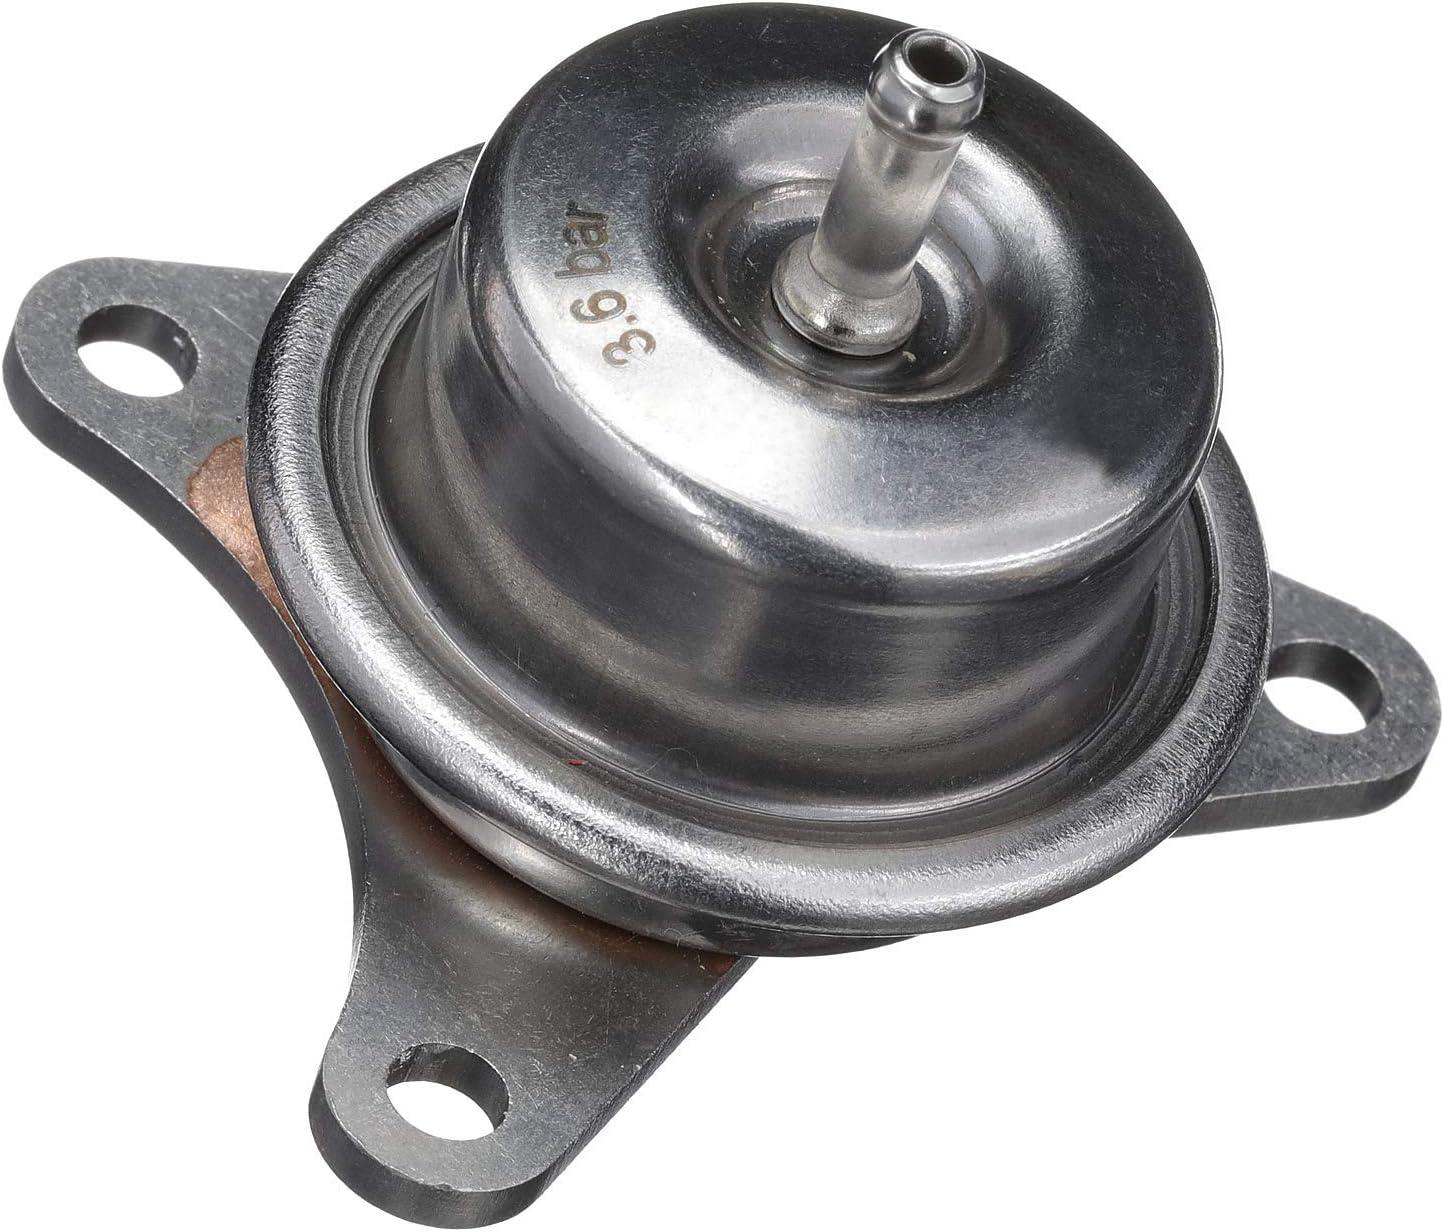 OFFer Delphi FP10401 Fuel Pressure specialty shop Regulator Pack 1